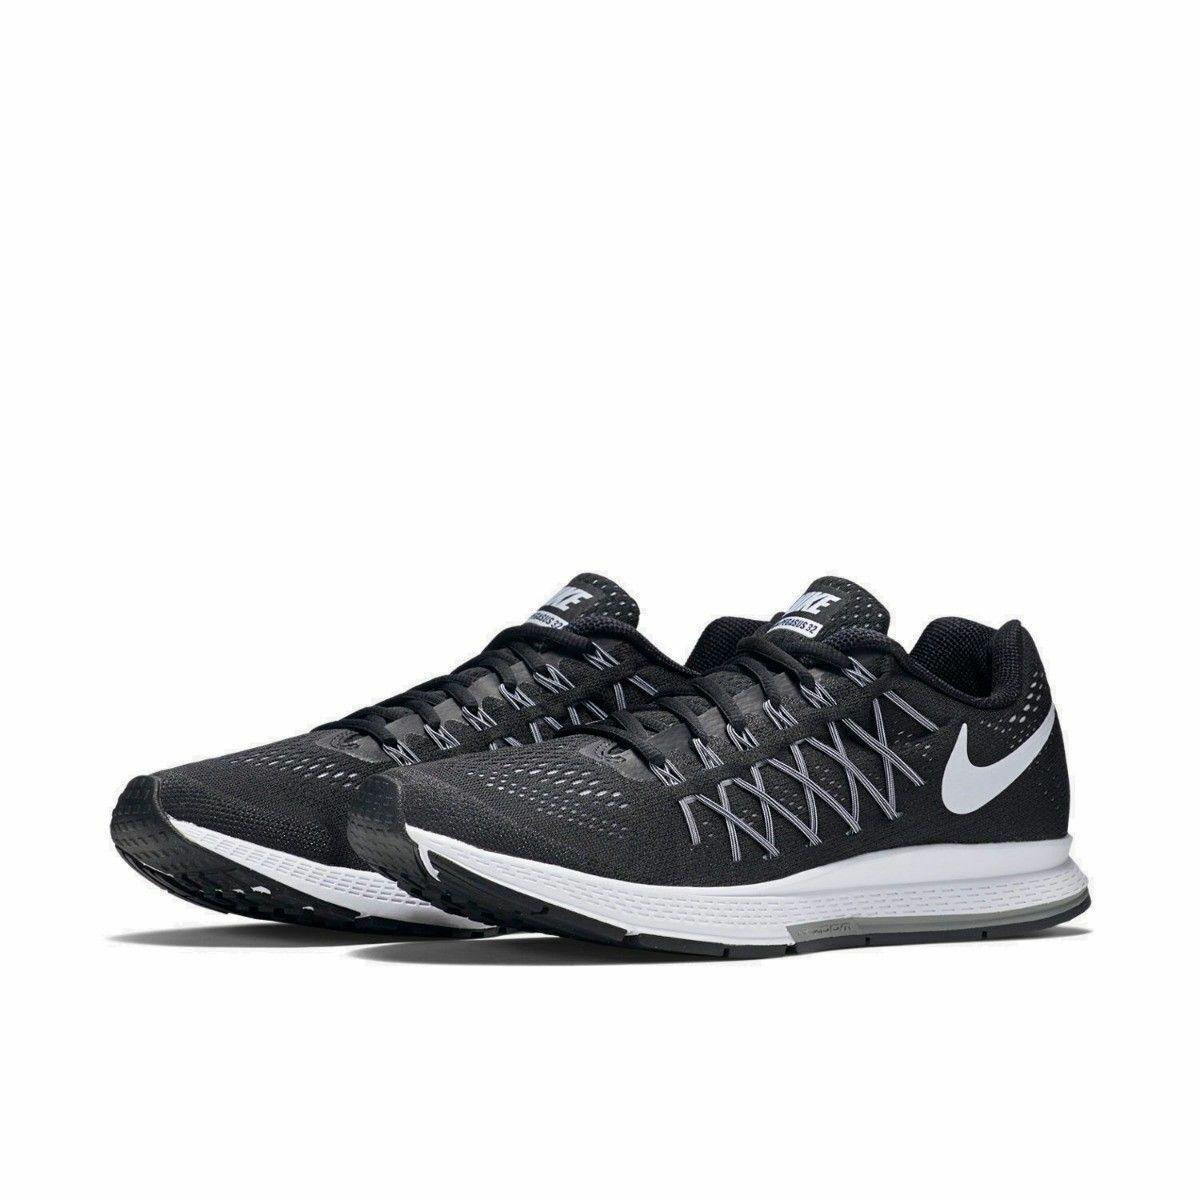 Nike Men's Zoom Pegasus 32 Running shoes Black White-Dark Grey 749340-001